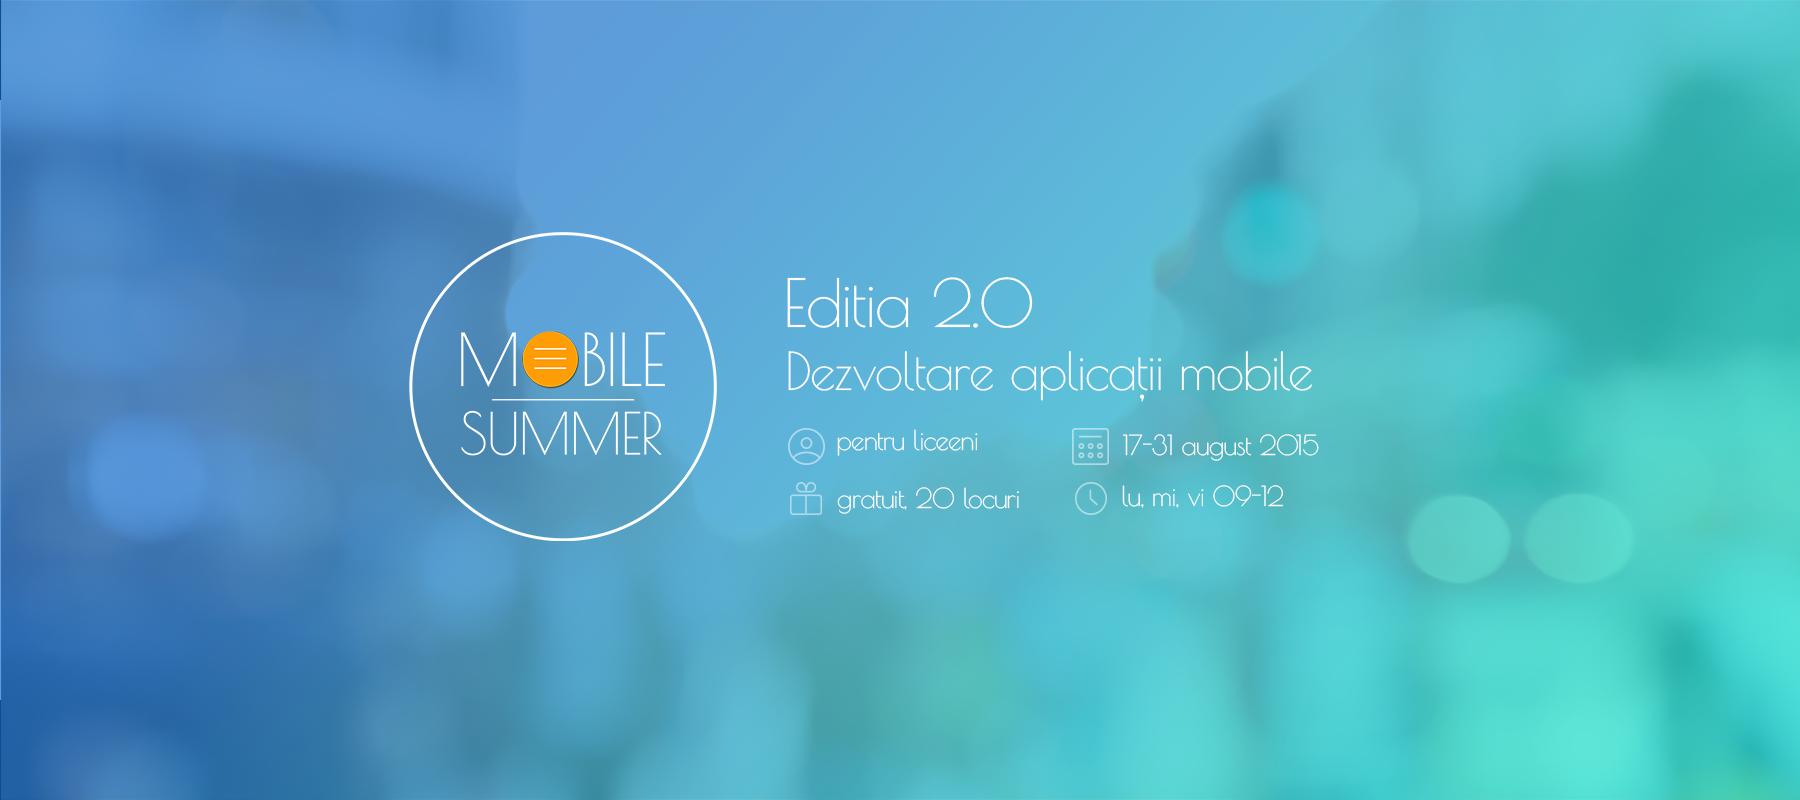 Mobile Summer 2.0